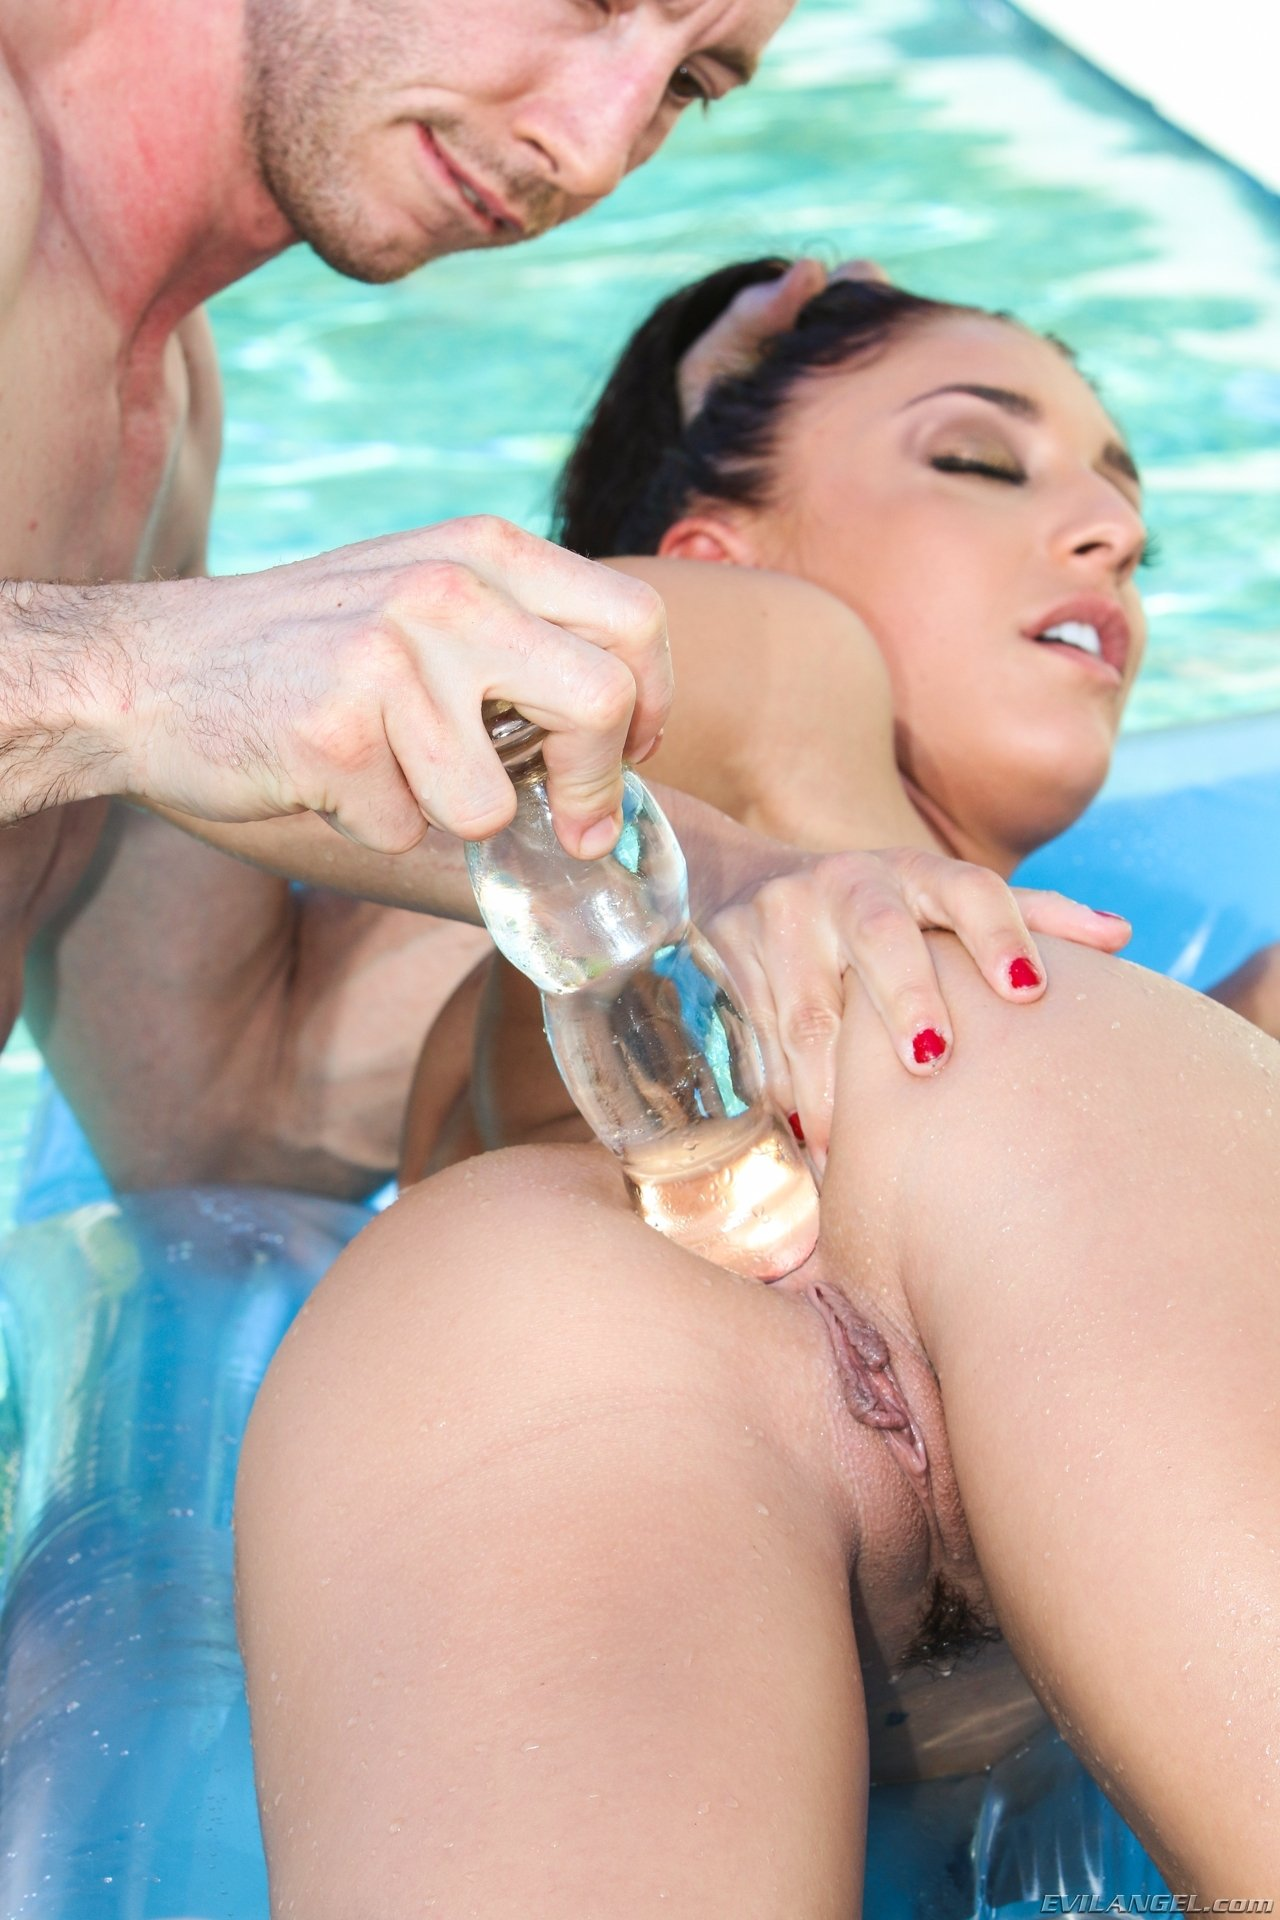 Из жопы в рот - Порно фото галерея 996597